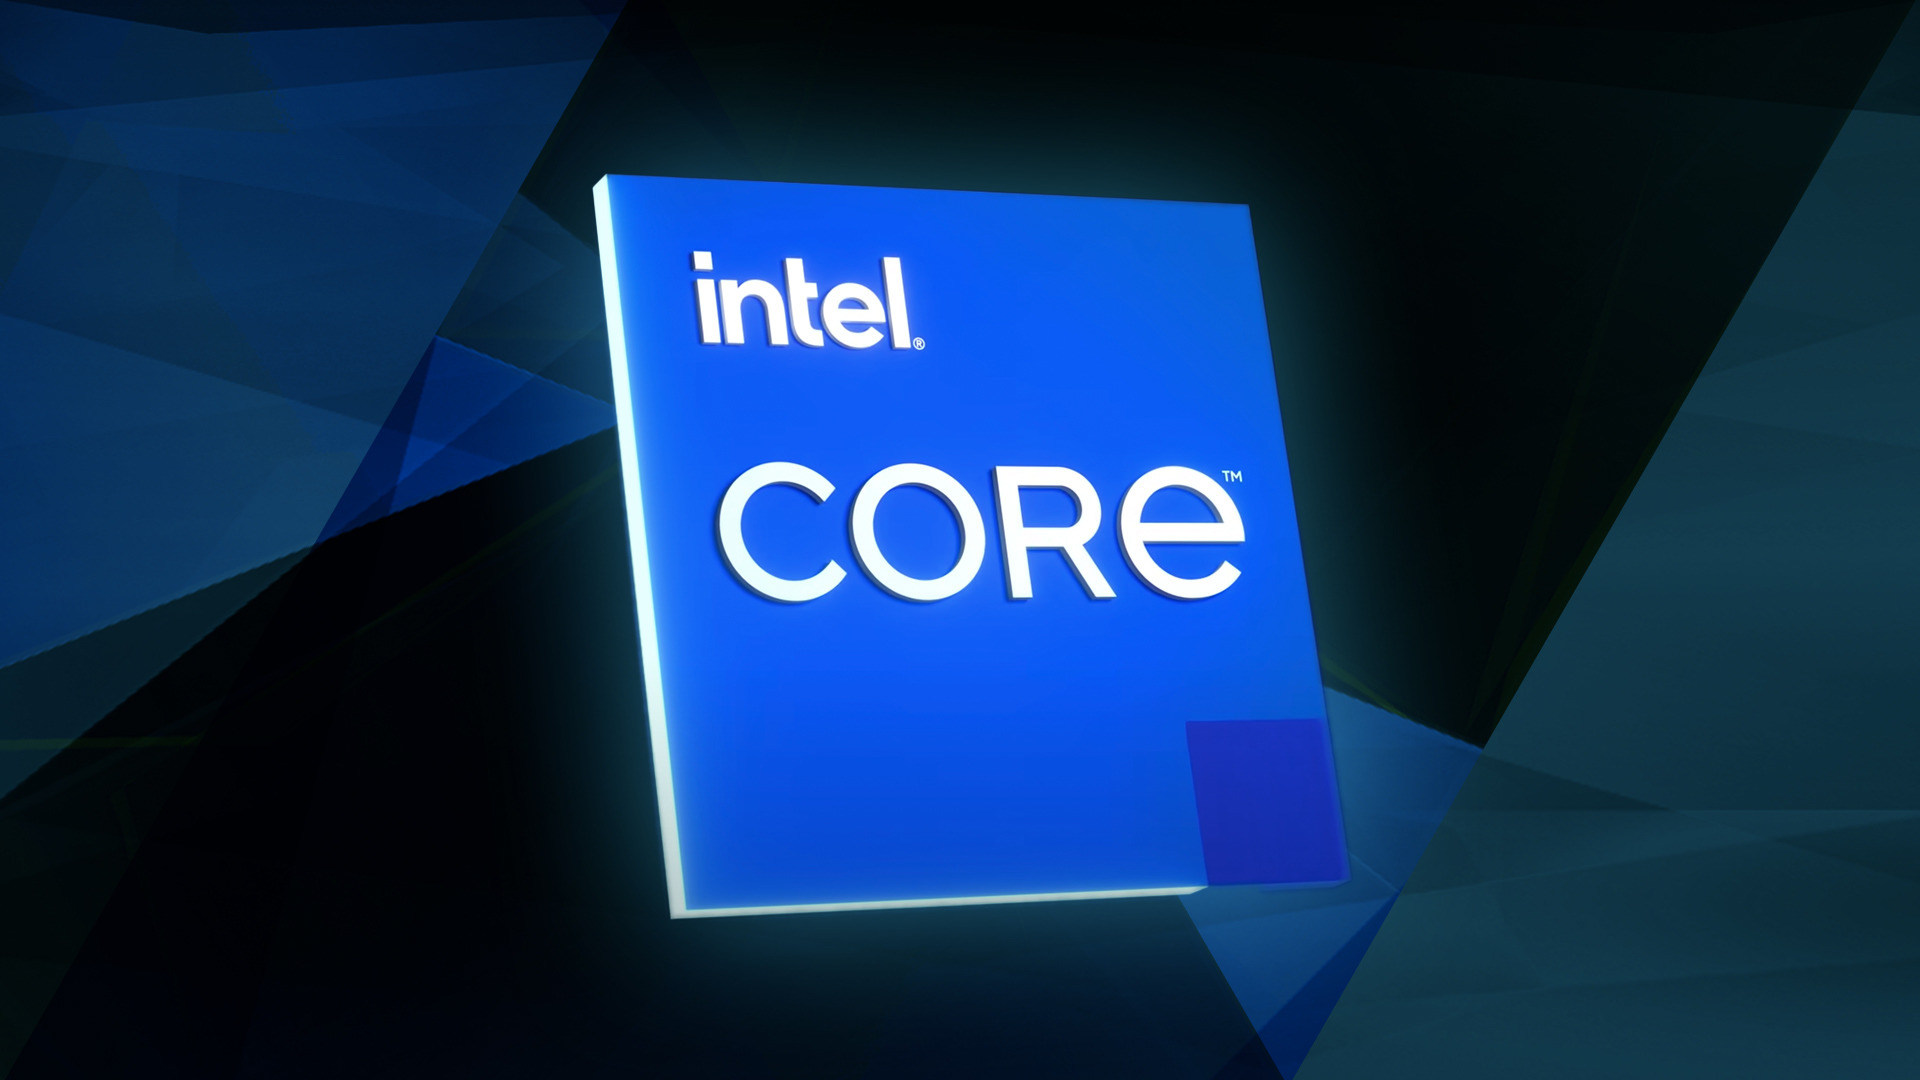 Intel, Logo, Prozessor, Cpu, Chip, Prozessoren, Intel Core i7, Intel Core i5, Intel Core, Core i7, Intel Core i3, Core i5, Intel Logo, Neues Intel Logo, Intel Logo 2020, Intel CPU